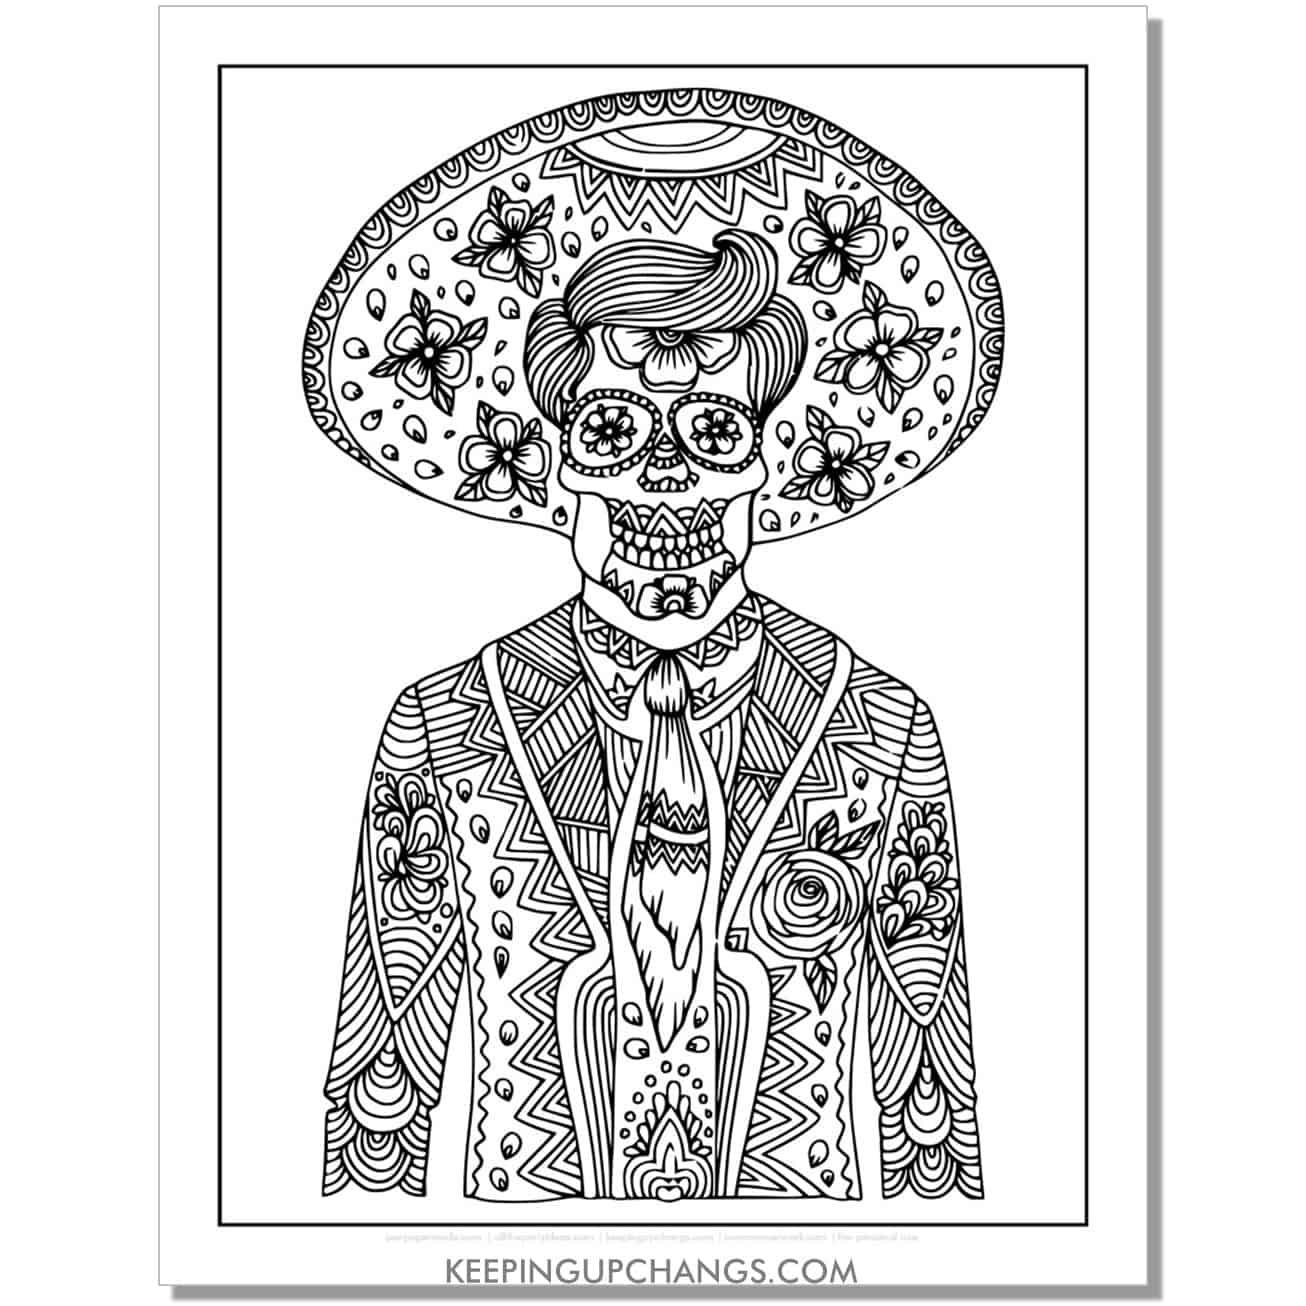 male in tuxedo dia de los muertos coloring page.